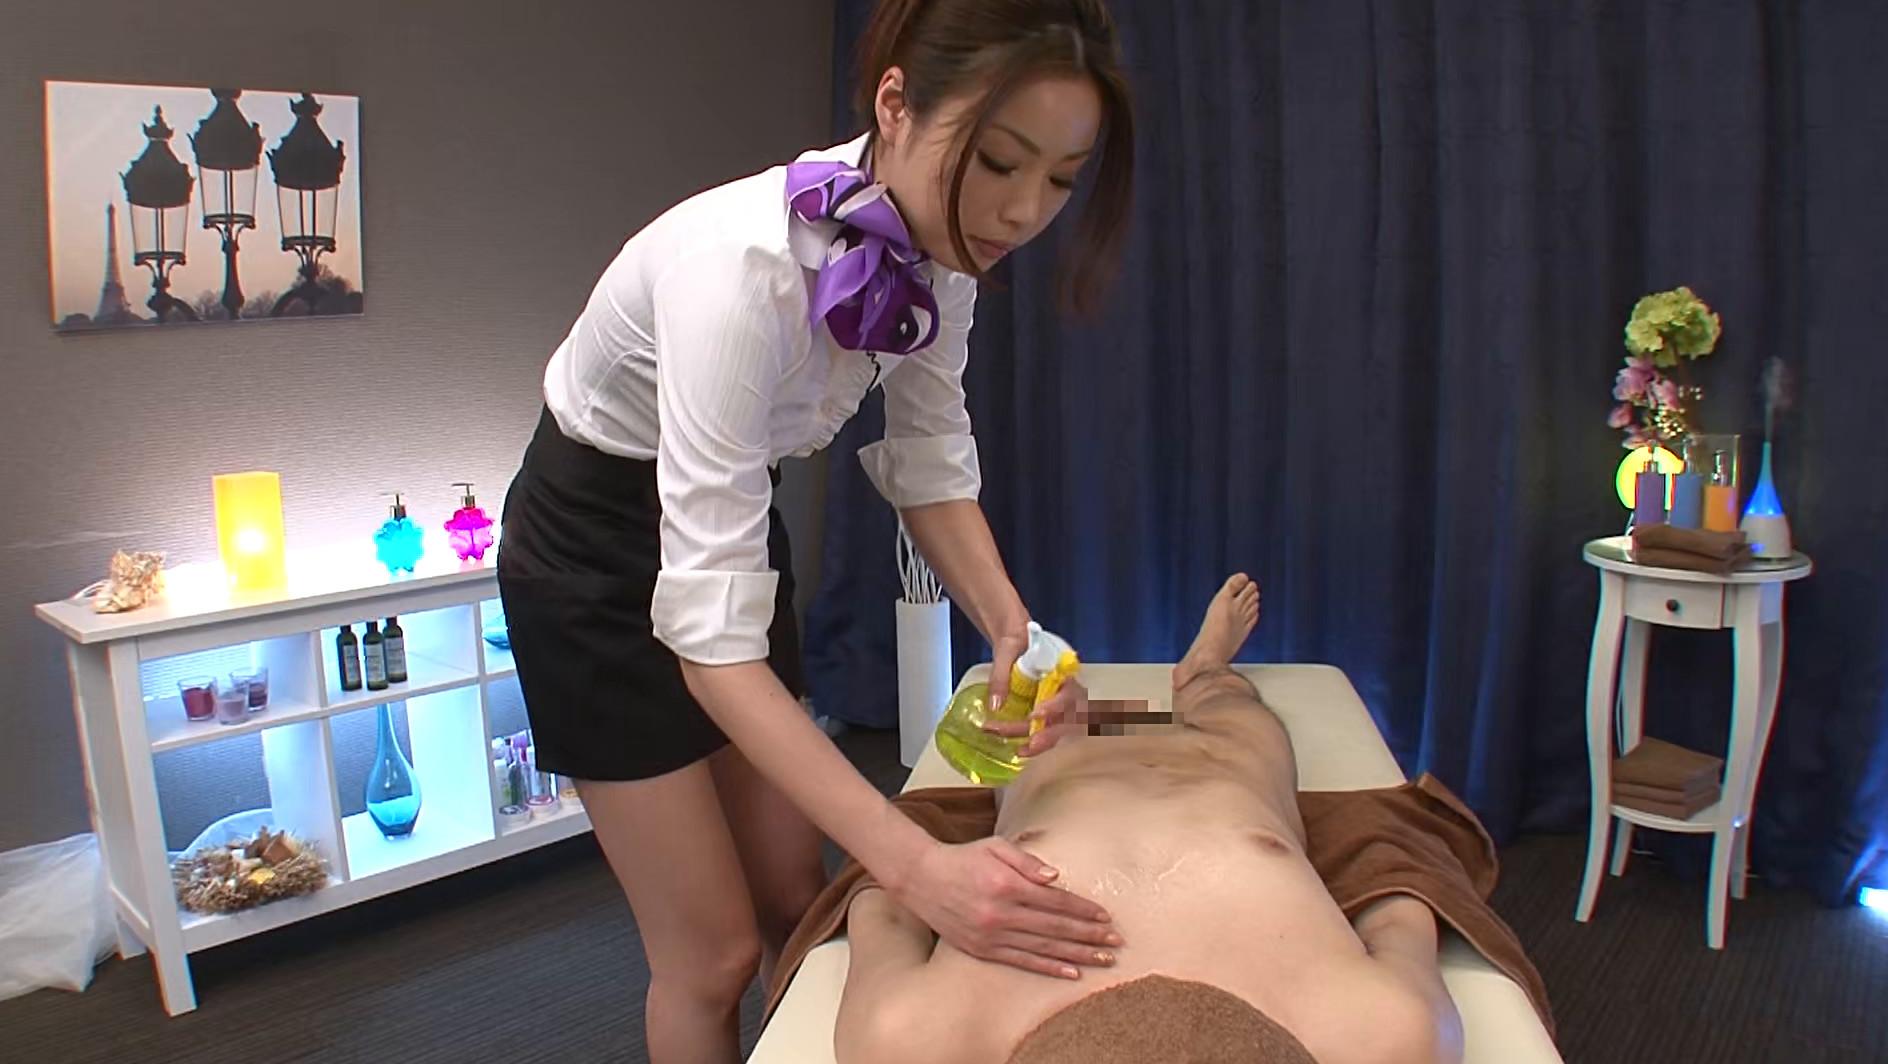 どこを施術する時も必ず乳首に寄り道する弄りがしつこいメンズエステ かすみりさ 画像2